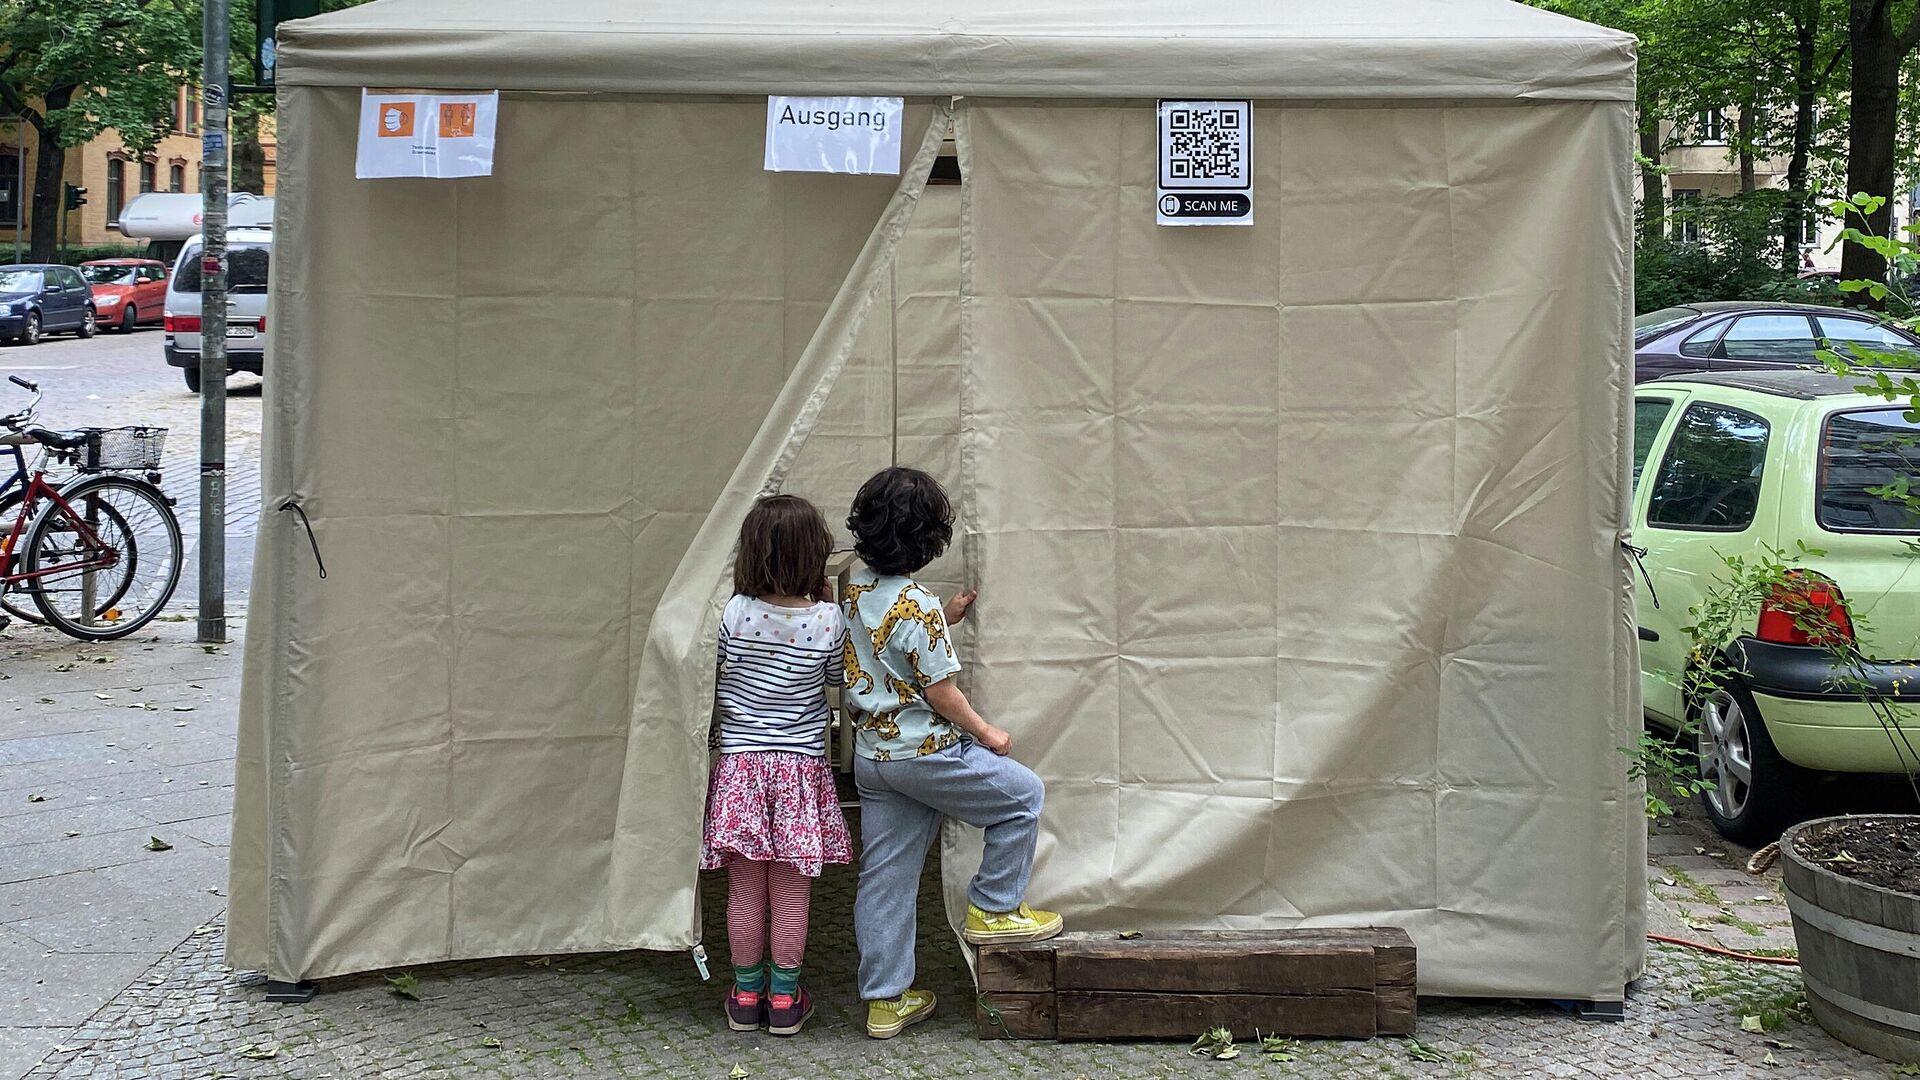 Kinder vor einem Impfzelt in Berlin-Kreuzberg, 4. Juni 2021 - SNA, 1920, 10.06.2021